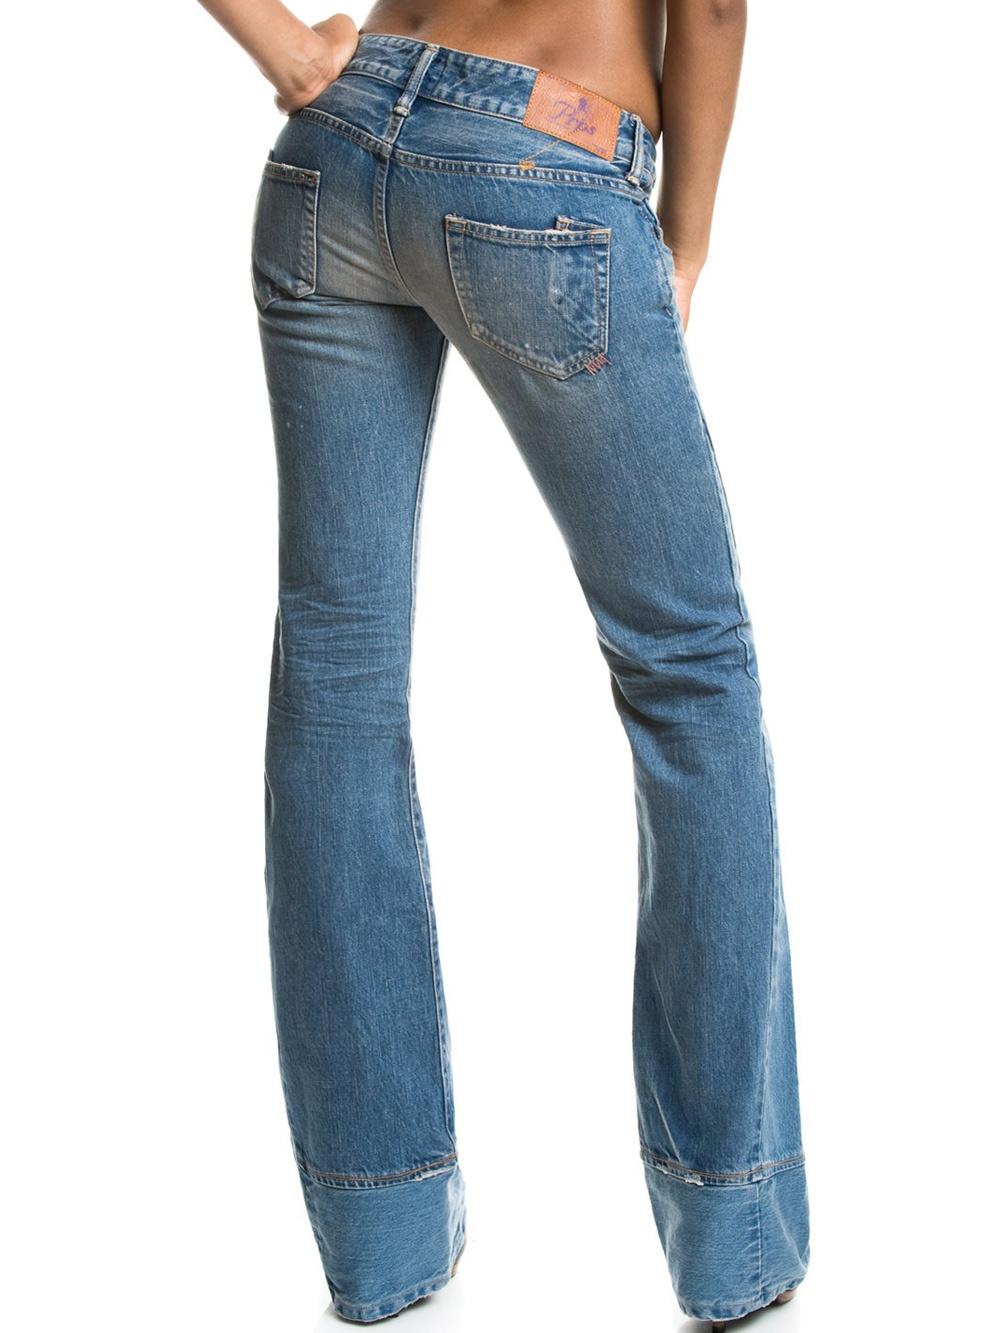 prps damen bootcut jeans medium washed prps 2317 jeans g nstig online kaufen 199 99. Black Bedroom Furniture Sets. Home Design Ideas